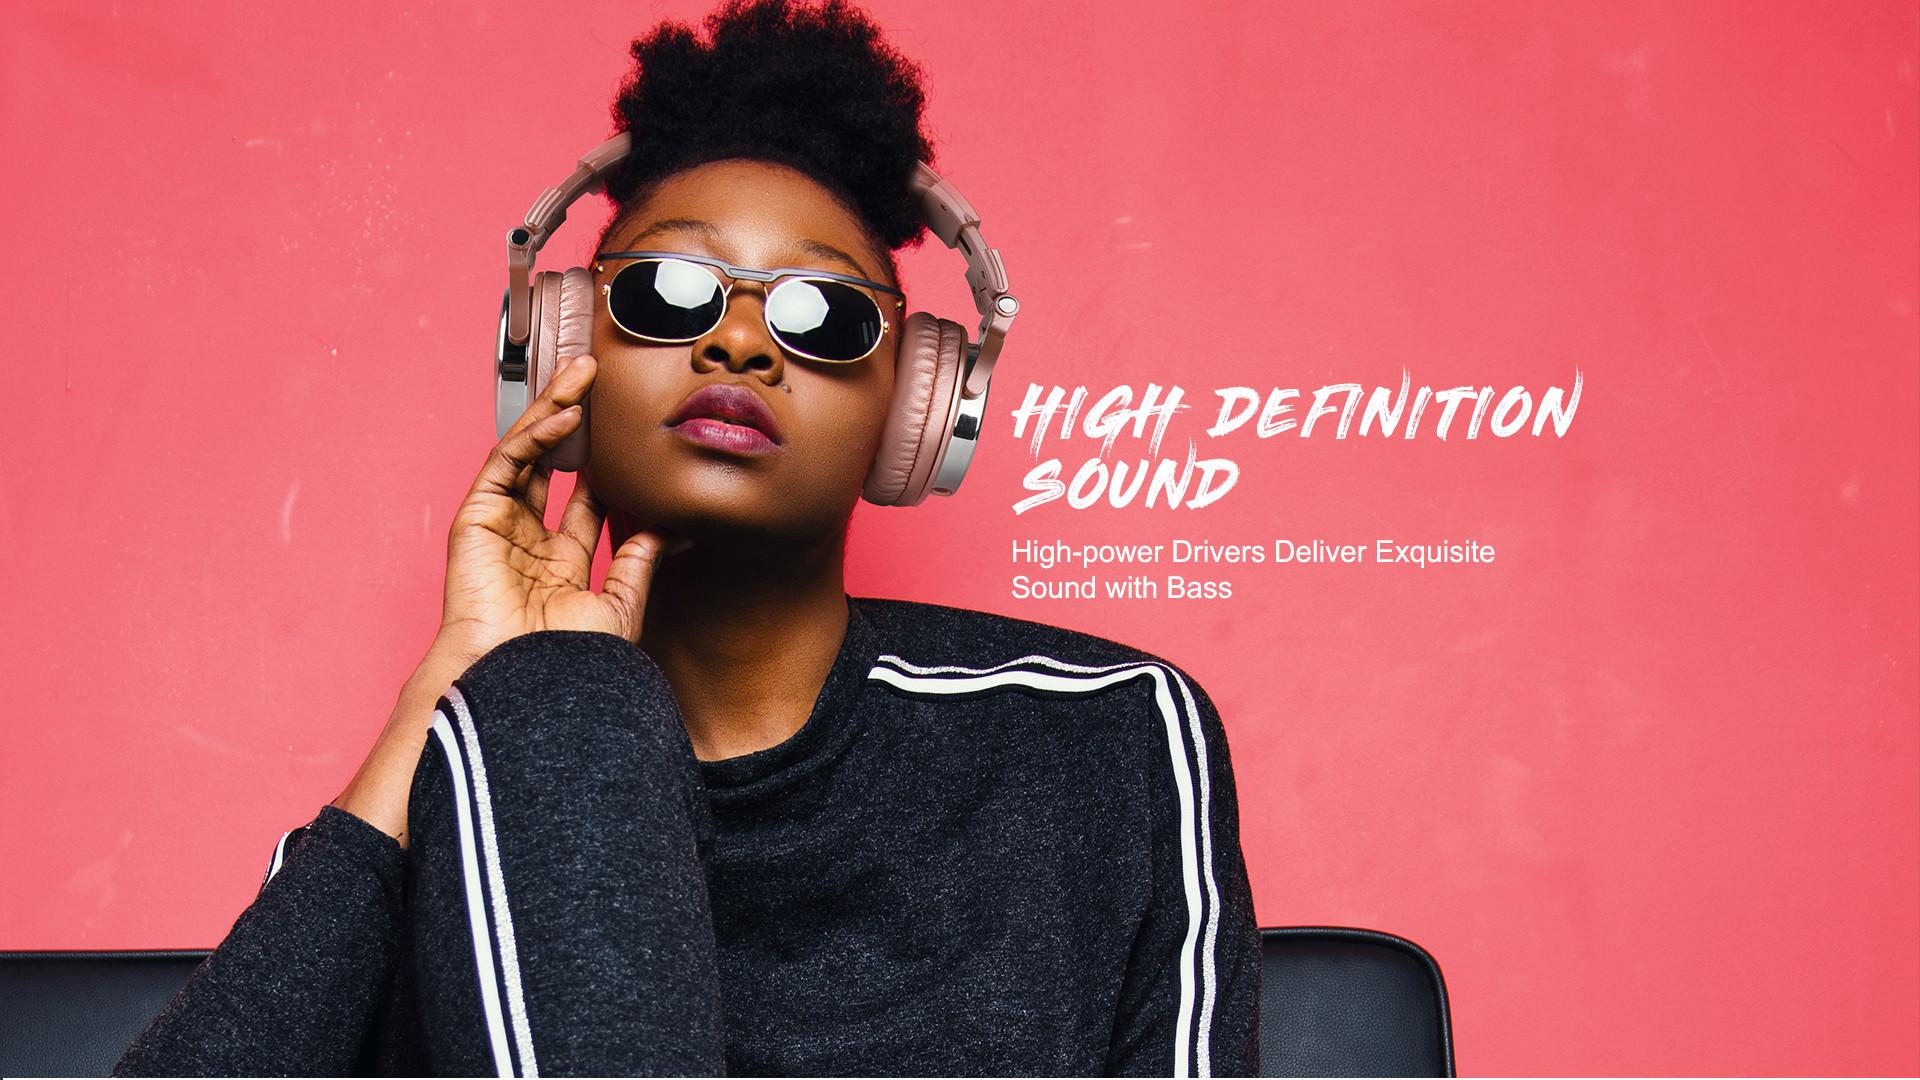 OneOdio headphones